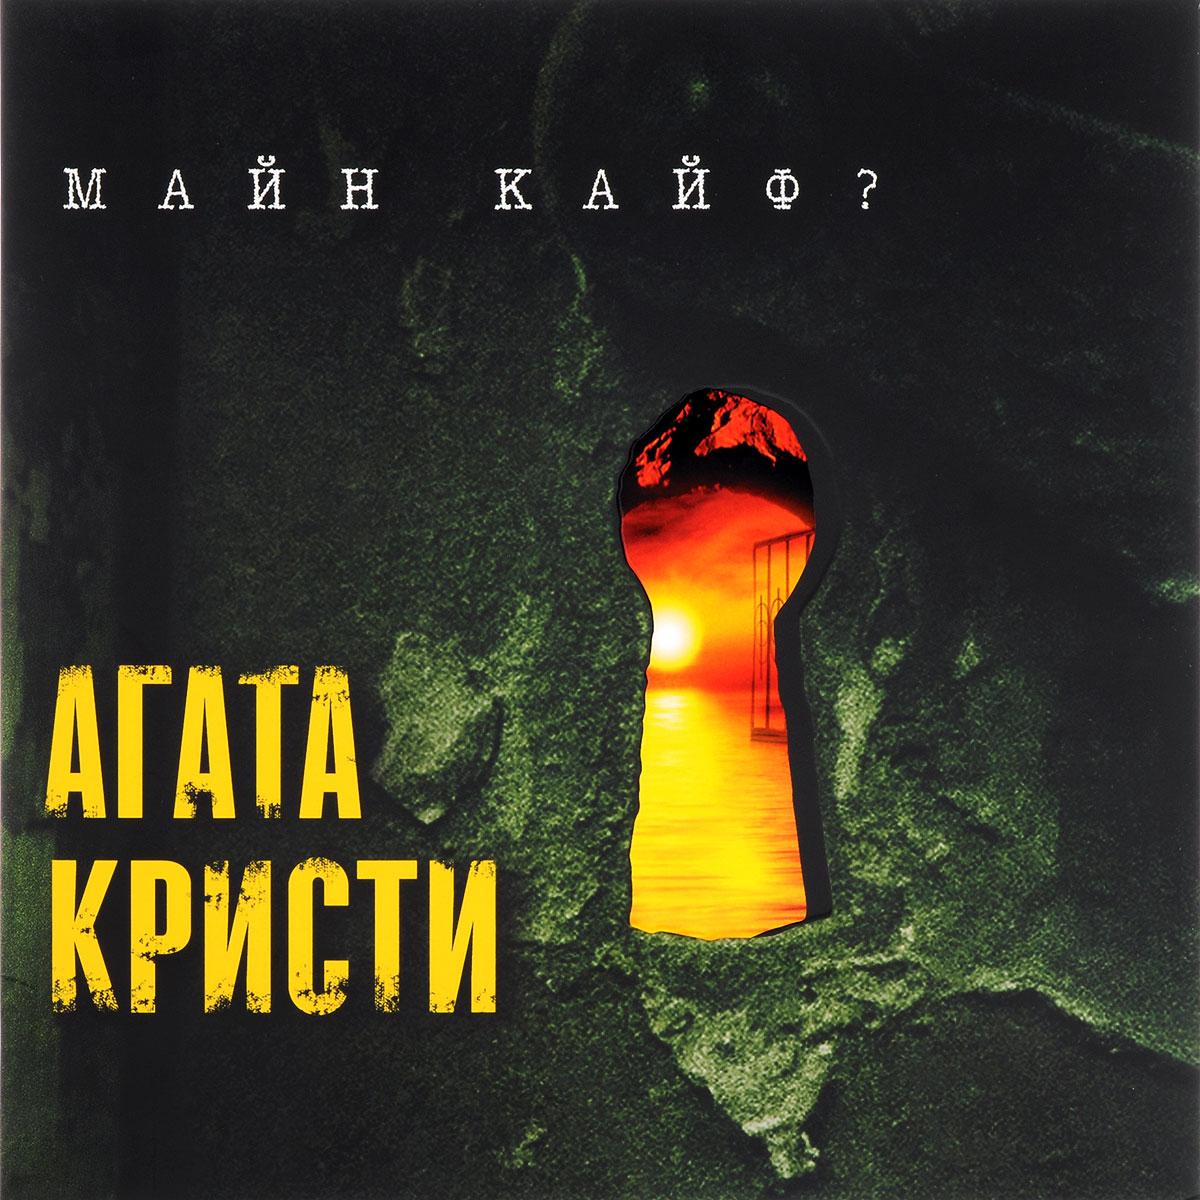 Агата Кристи Агата Кристи. Майн Кайф? (LP) агата кристи коварство и любовь lp